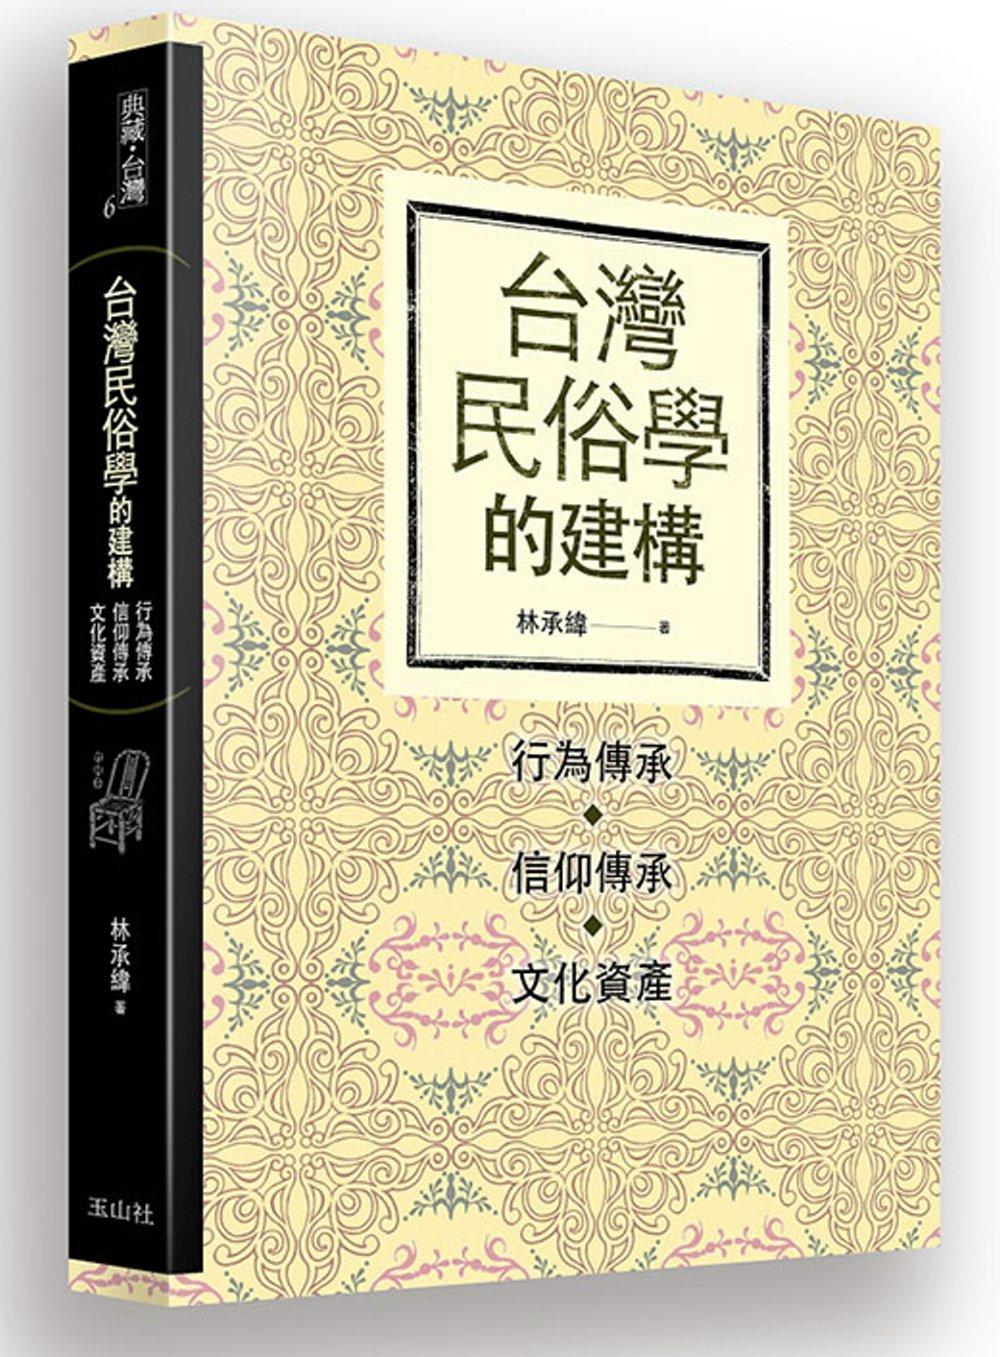 台灣民俗學的建構:行為傳承、信仰傳承、文化資產